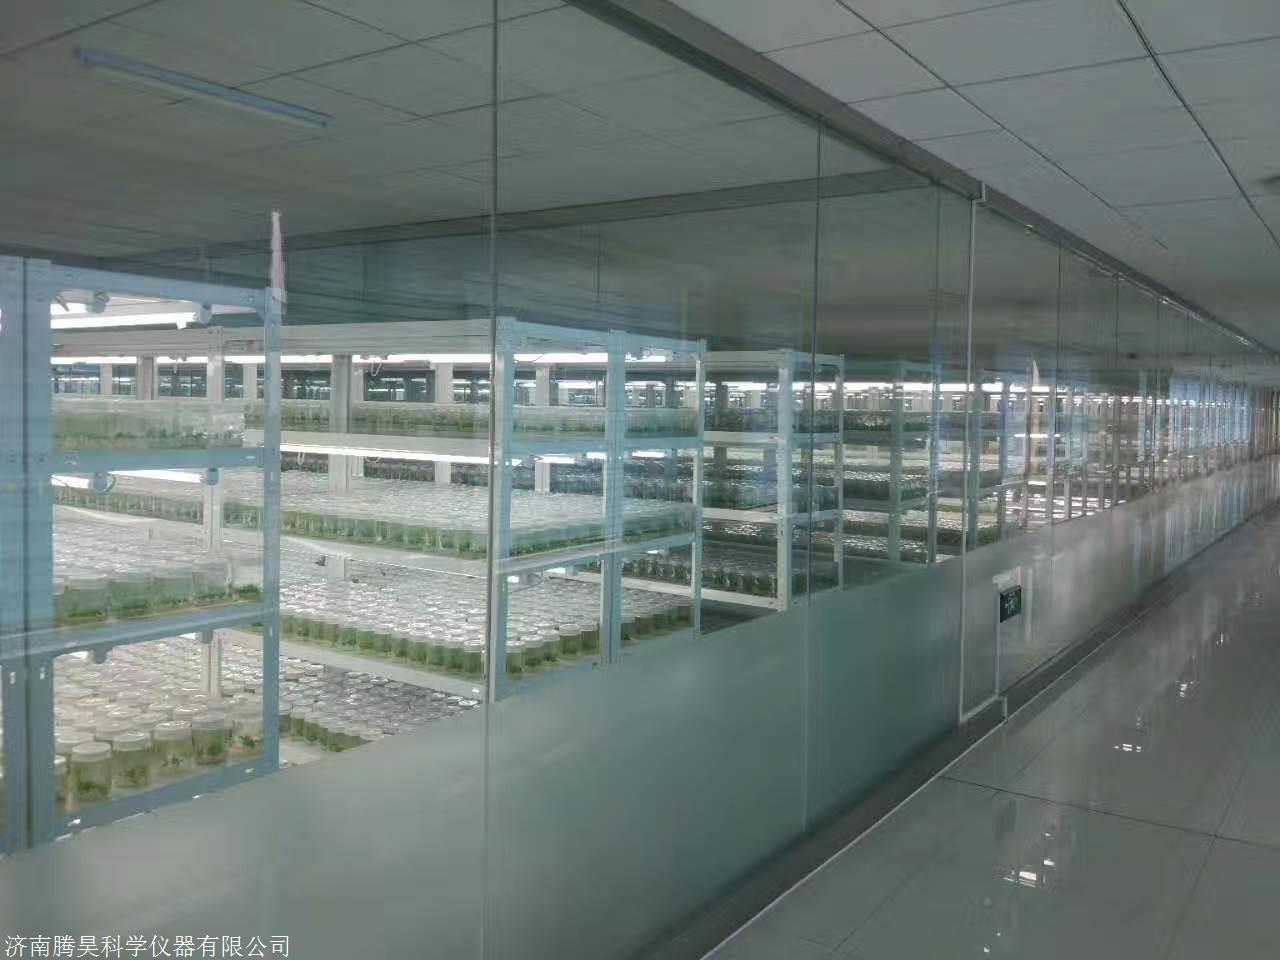 植物组培架,植物组织培养架,光照培养架